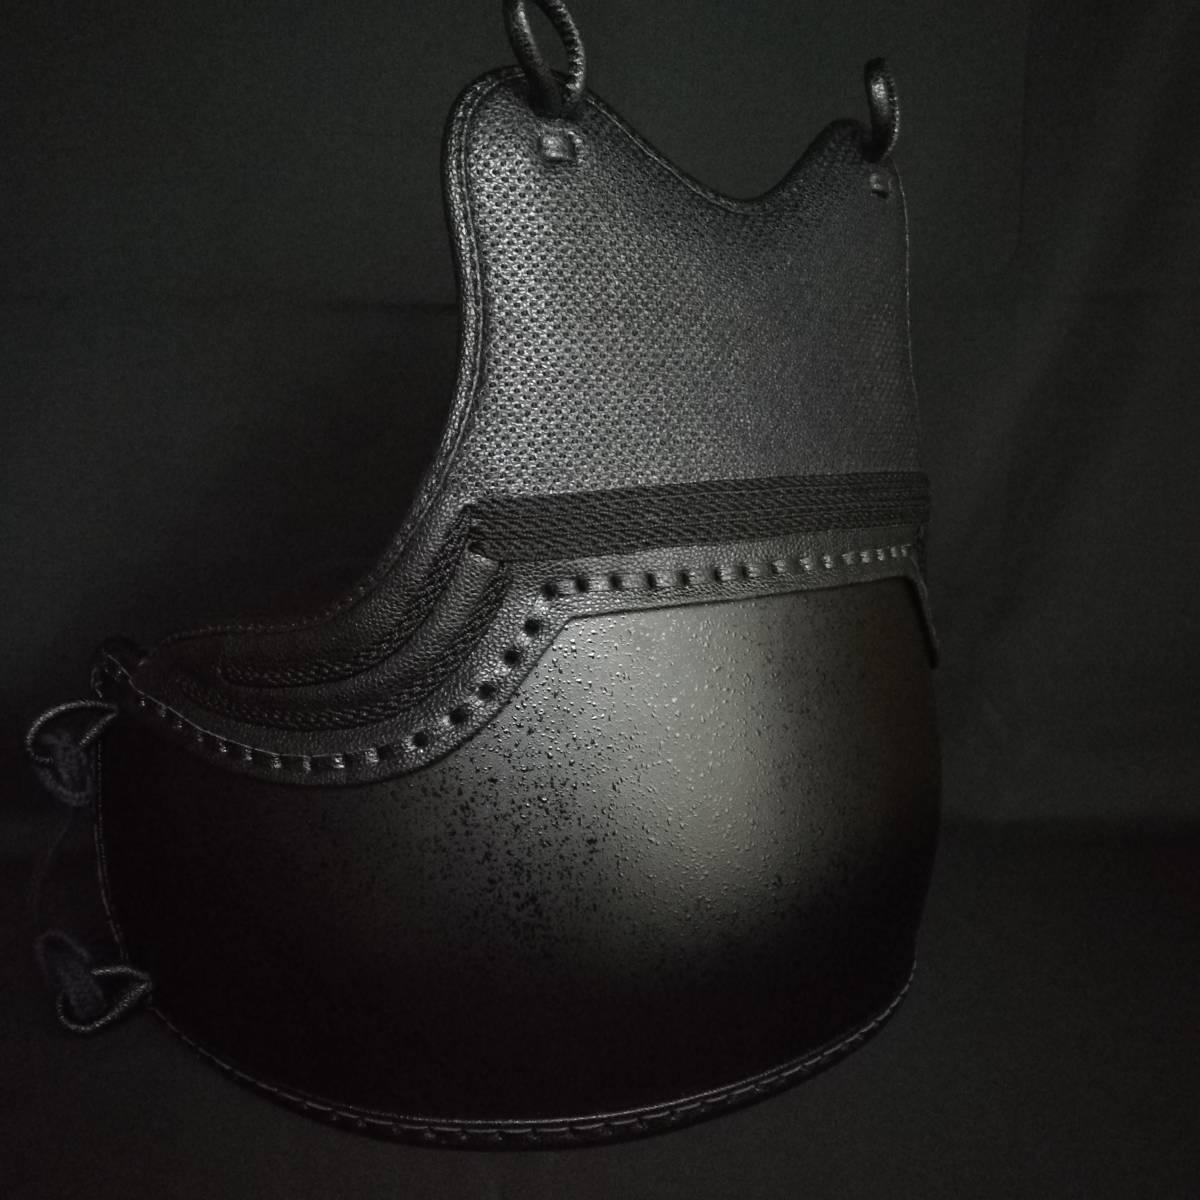 黒石目50本型胴 ベタナナメ刺 胸は腕の動きを妨げないえぐり仕様 サイズM/L 胴紐付き 新品未使用_画像2